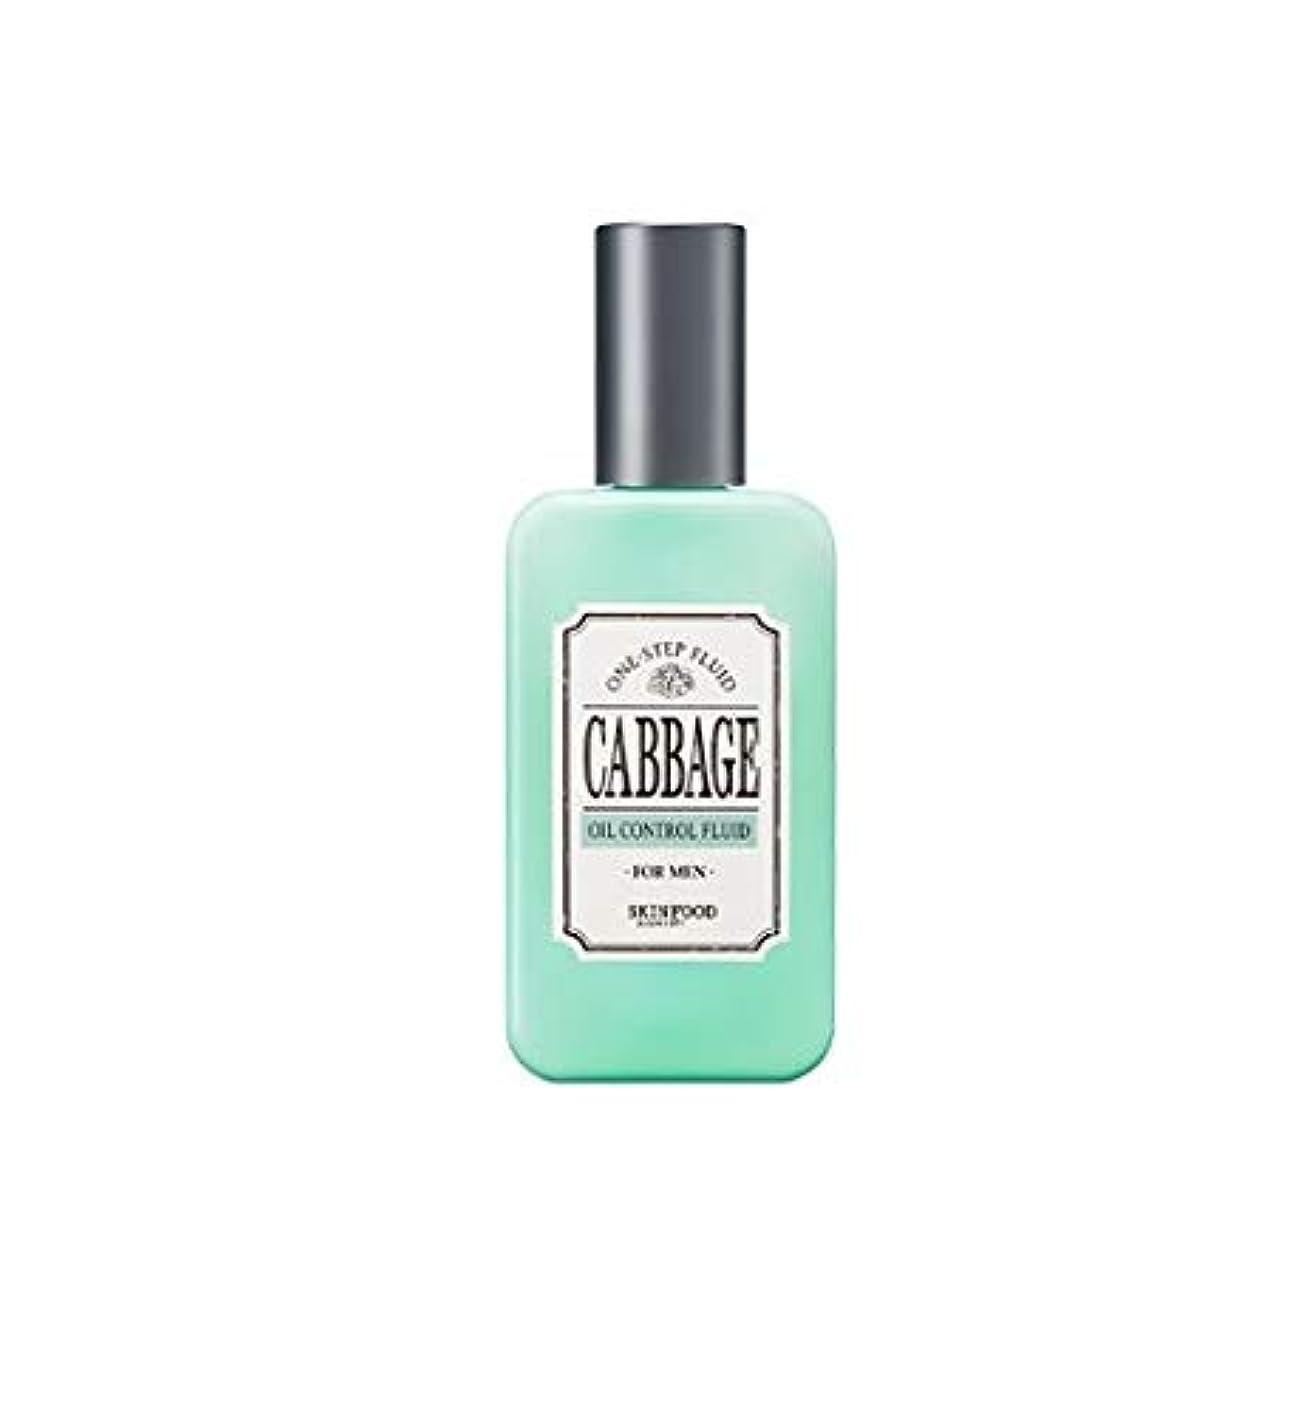 テレビ司書永続Skinfood 男性用キャベツオイルコントロールフルイド/Cabbage Oil Control Fluid for Men 125ml [並行輸入品]